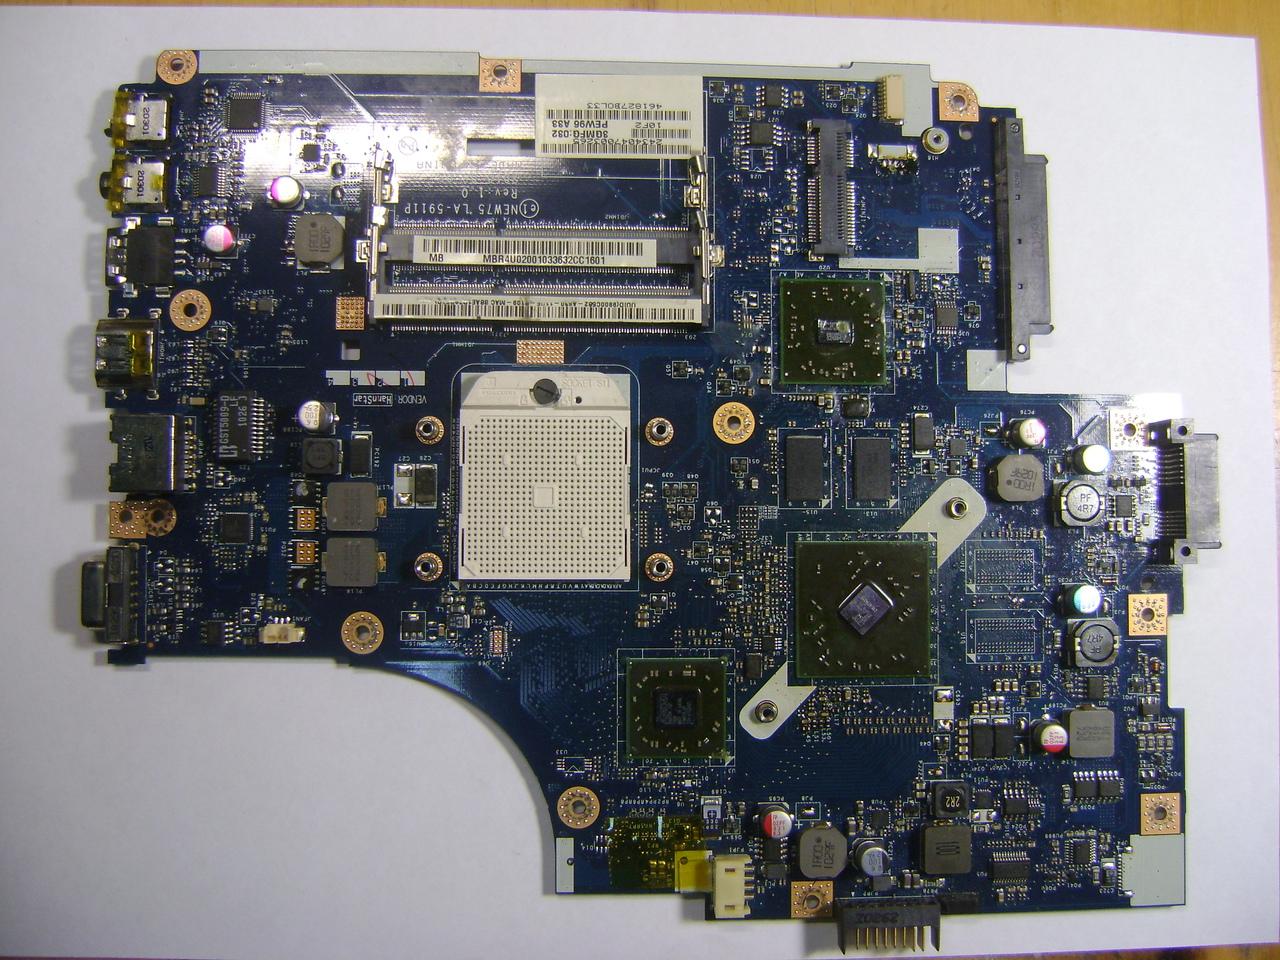 La 5911p rev 1.0 схема